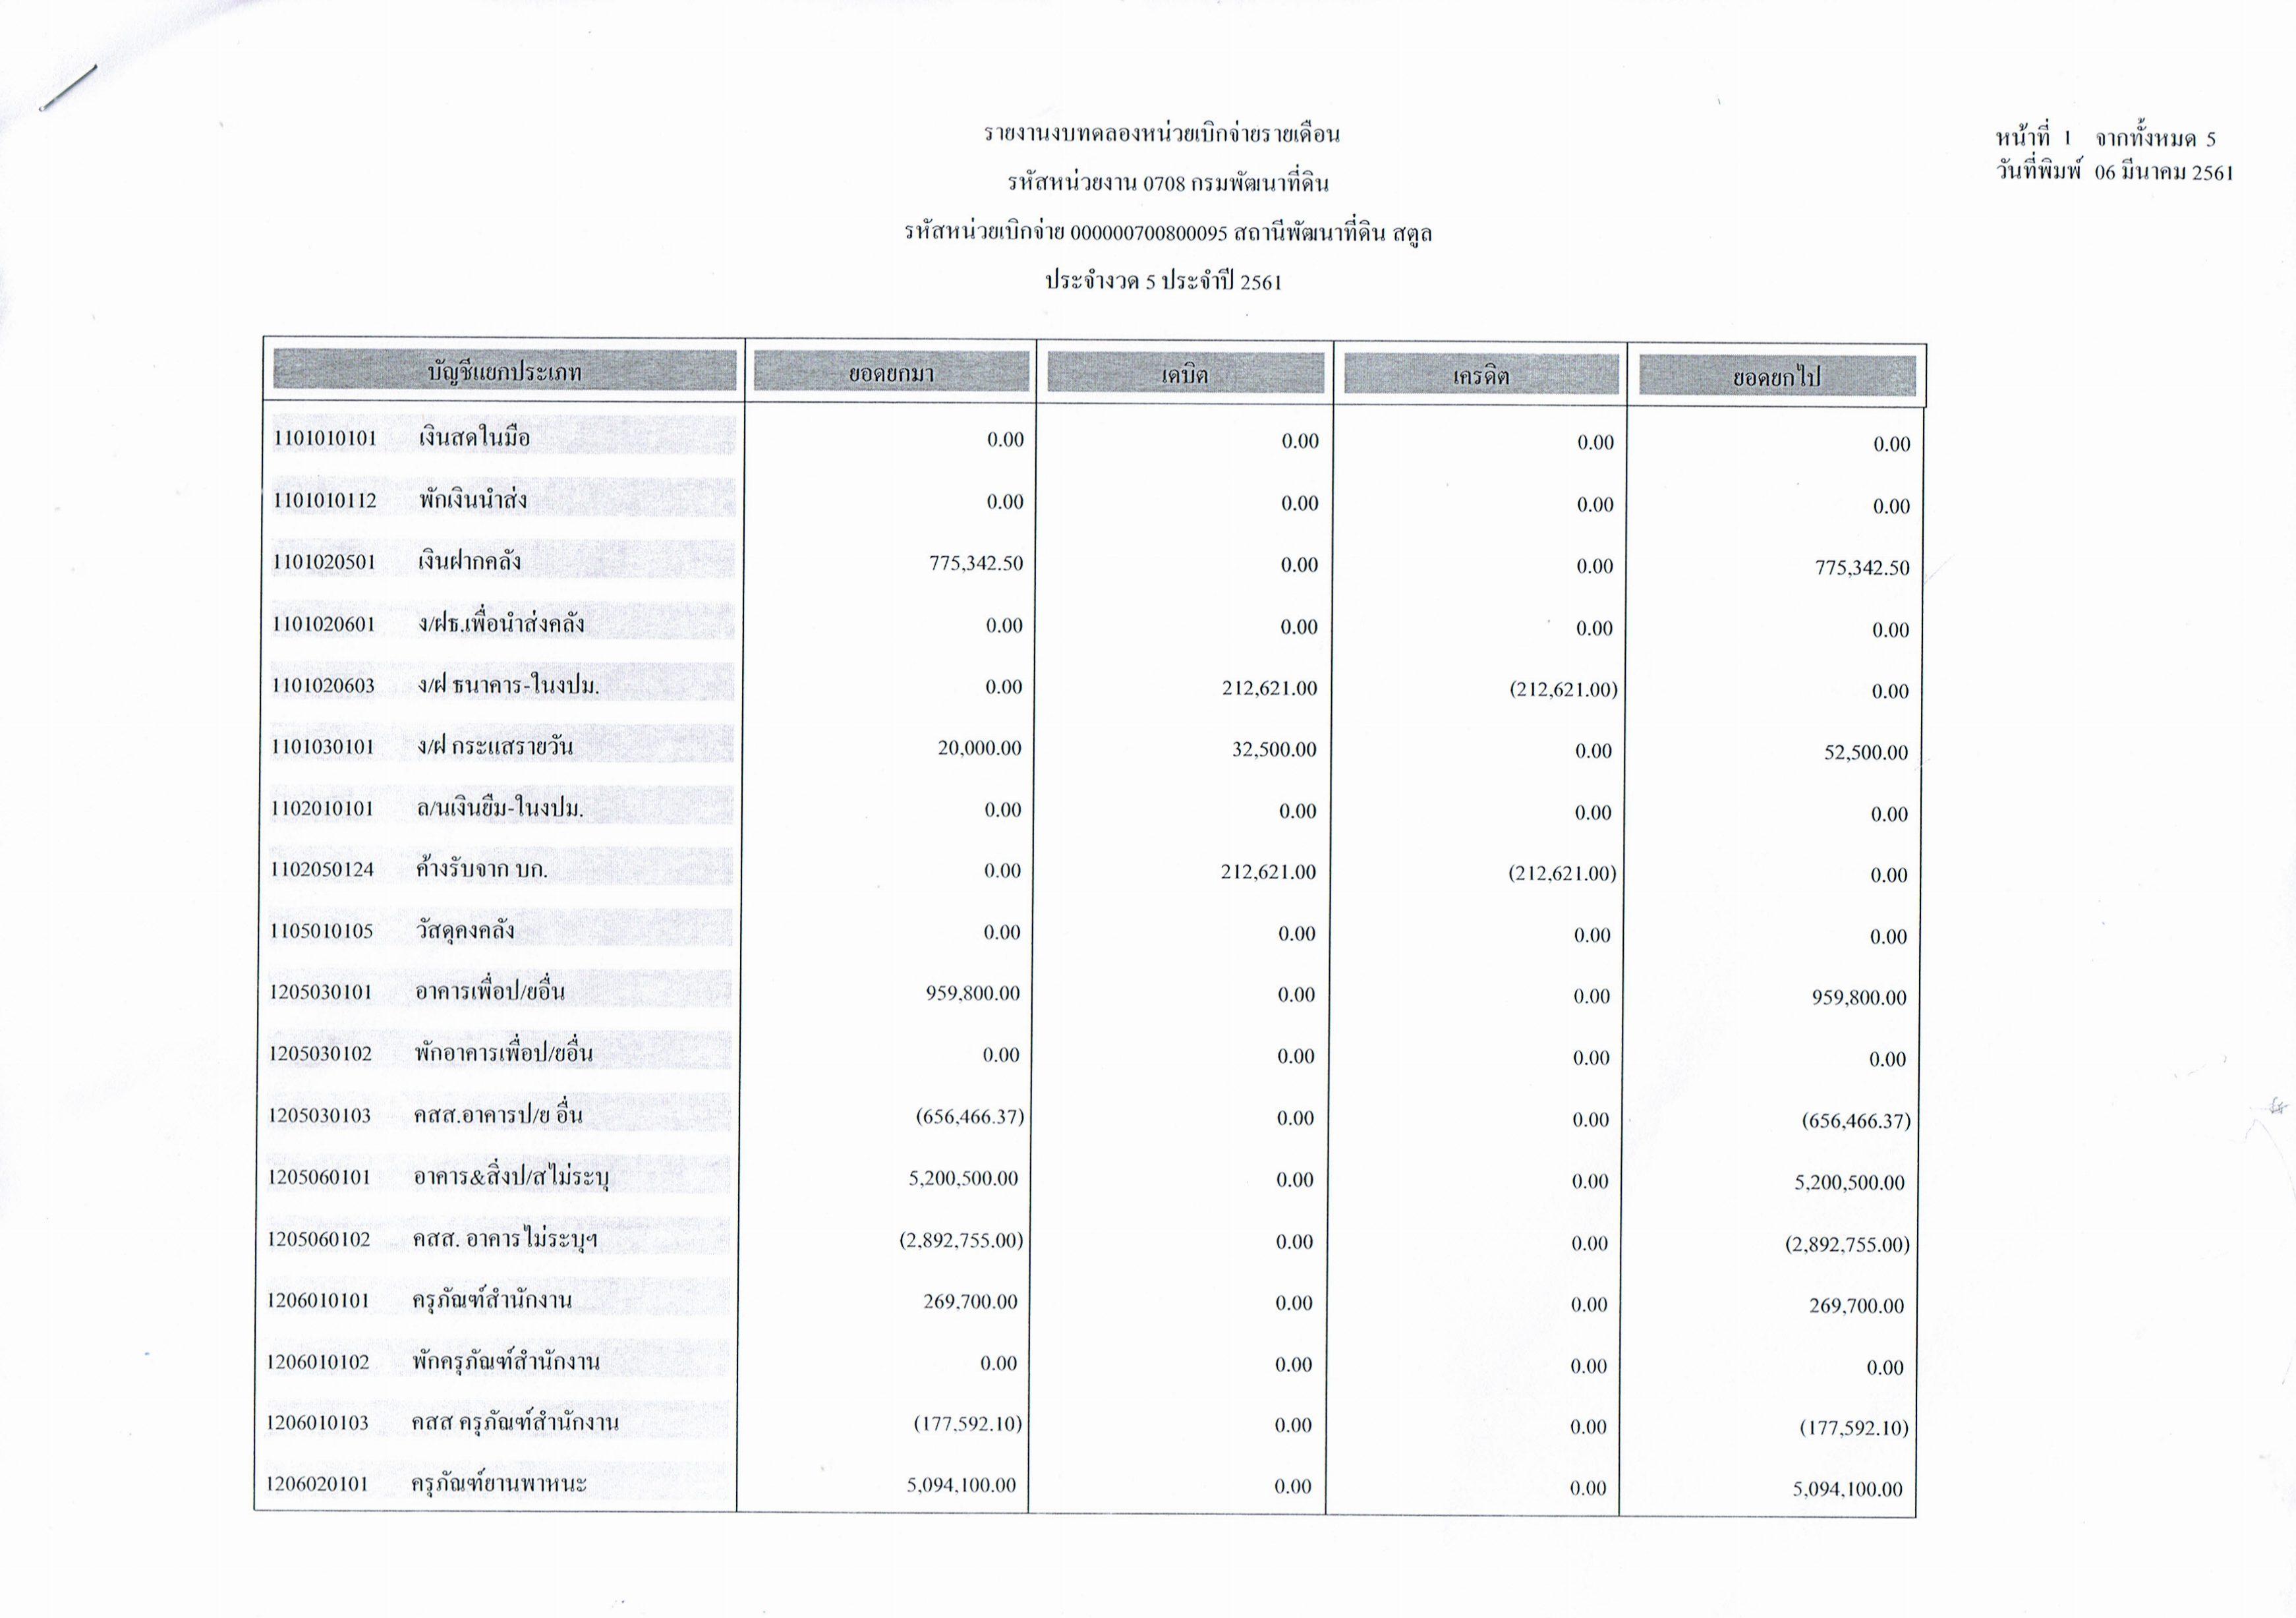 รายงานงบทดลองหน่วยเบิกจ่ายรายเดือนกุมภาพันธ์ ประจำงวด 5 ประจำปี 2561 1/5